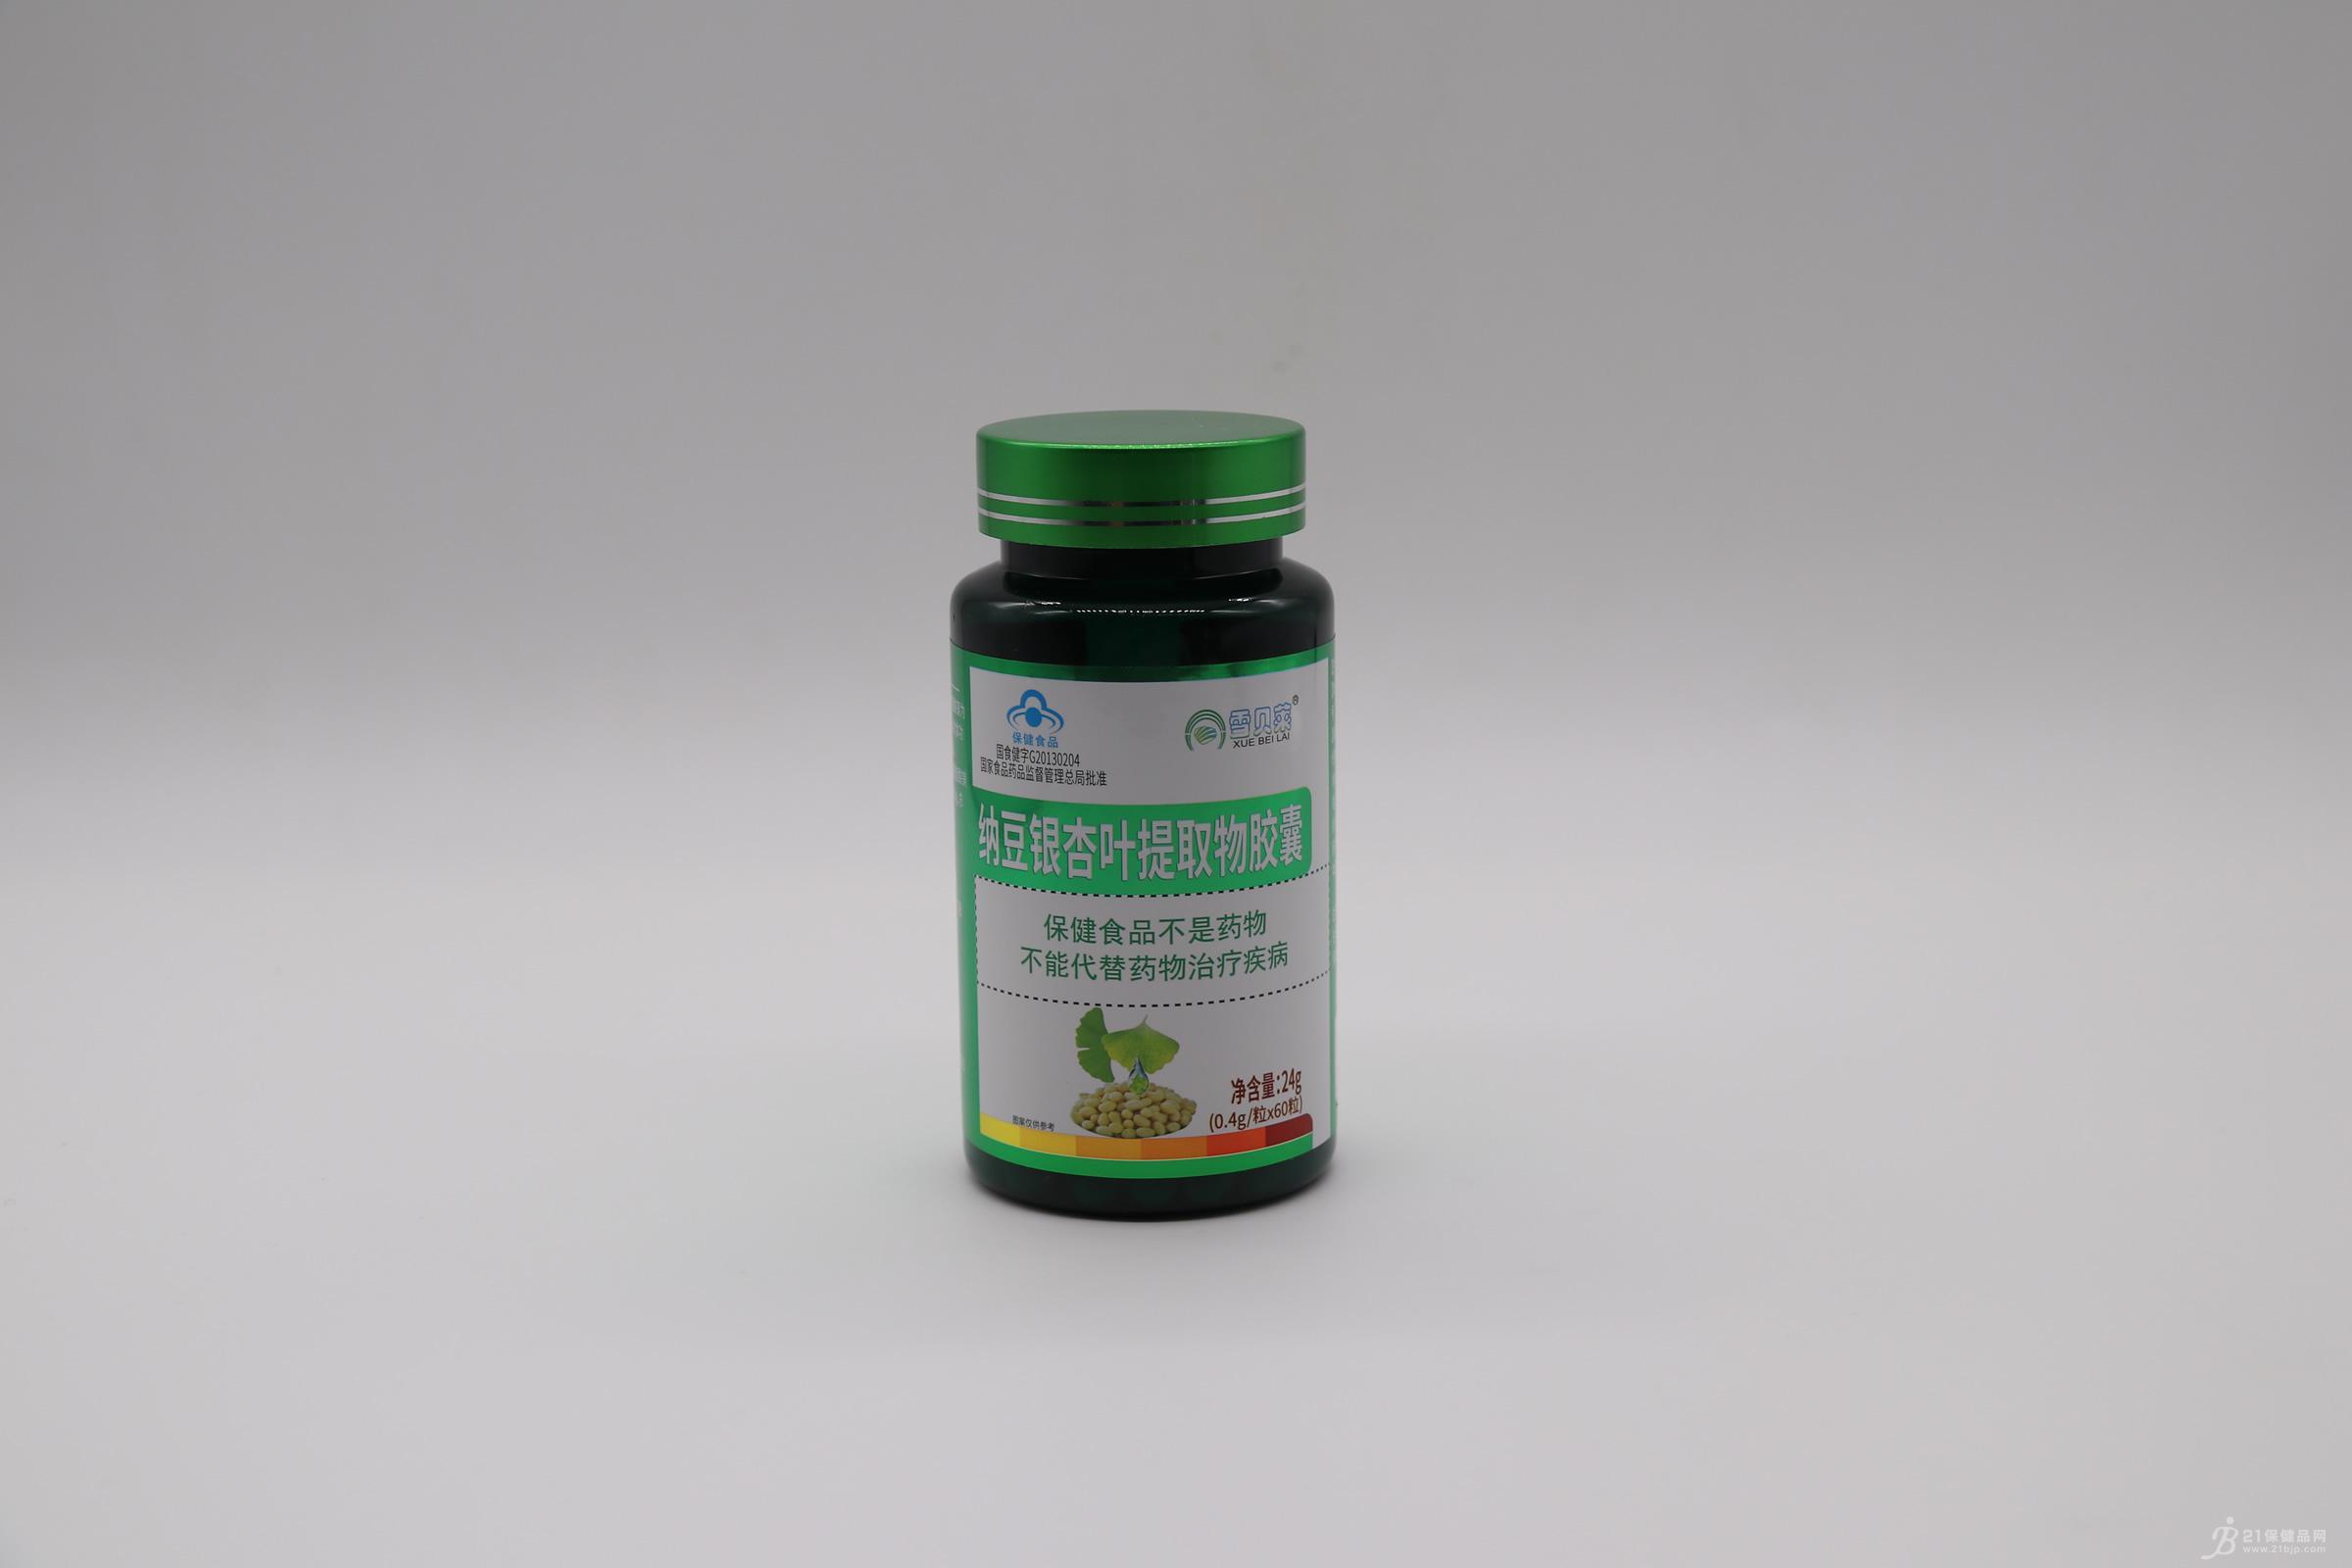 程成生物雪贝莱纳豆银杏叶提取物胶囊招商